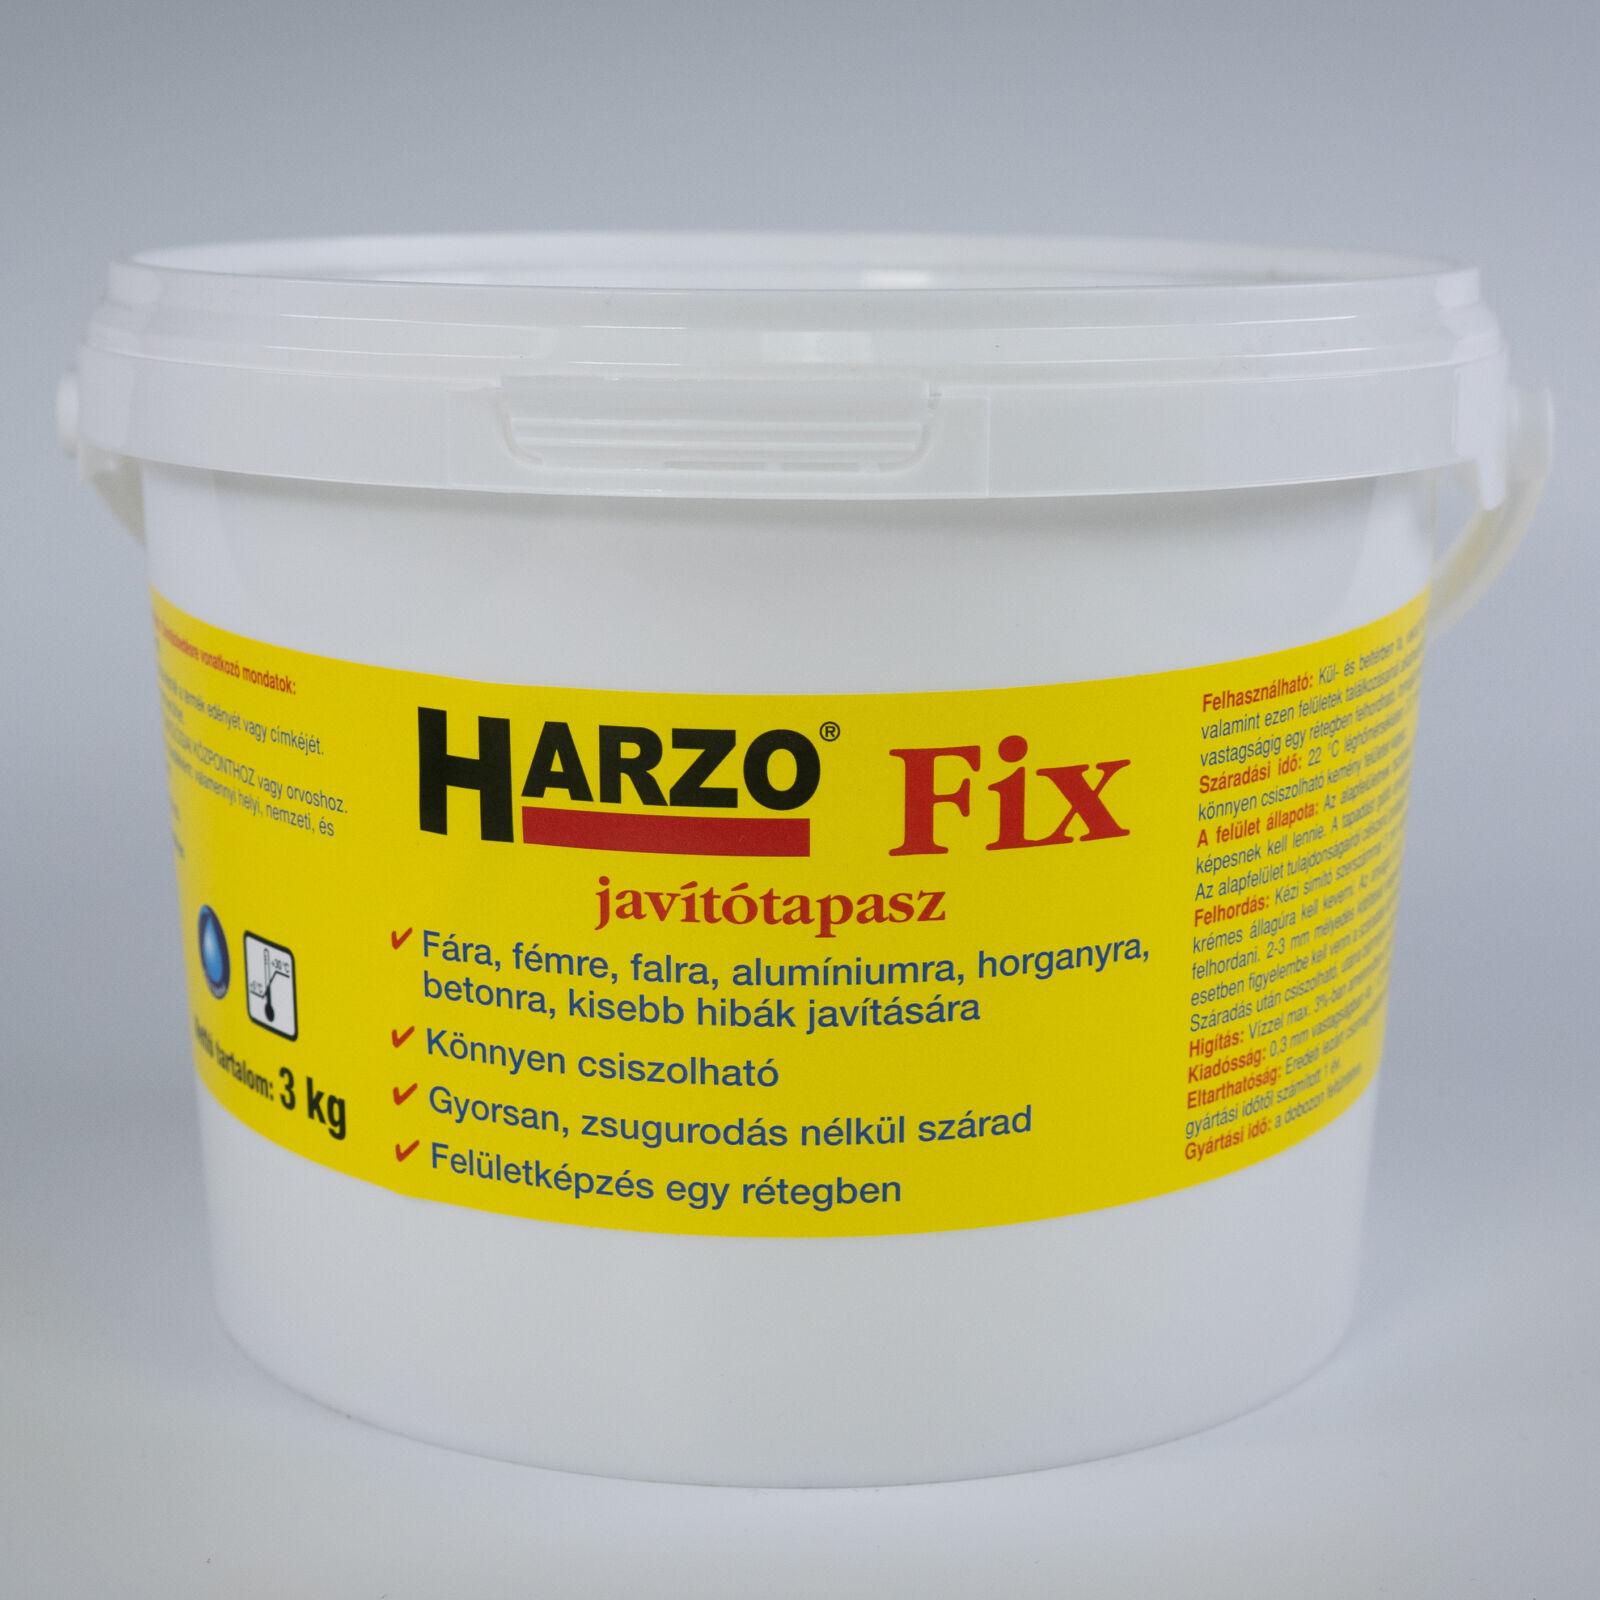 HARZO-Fix javítótapasz [3 kg]